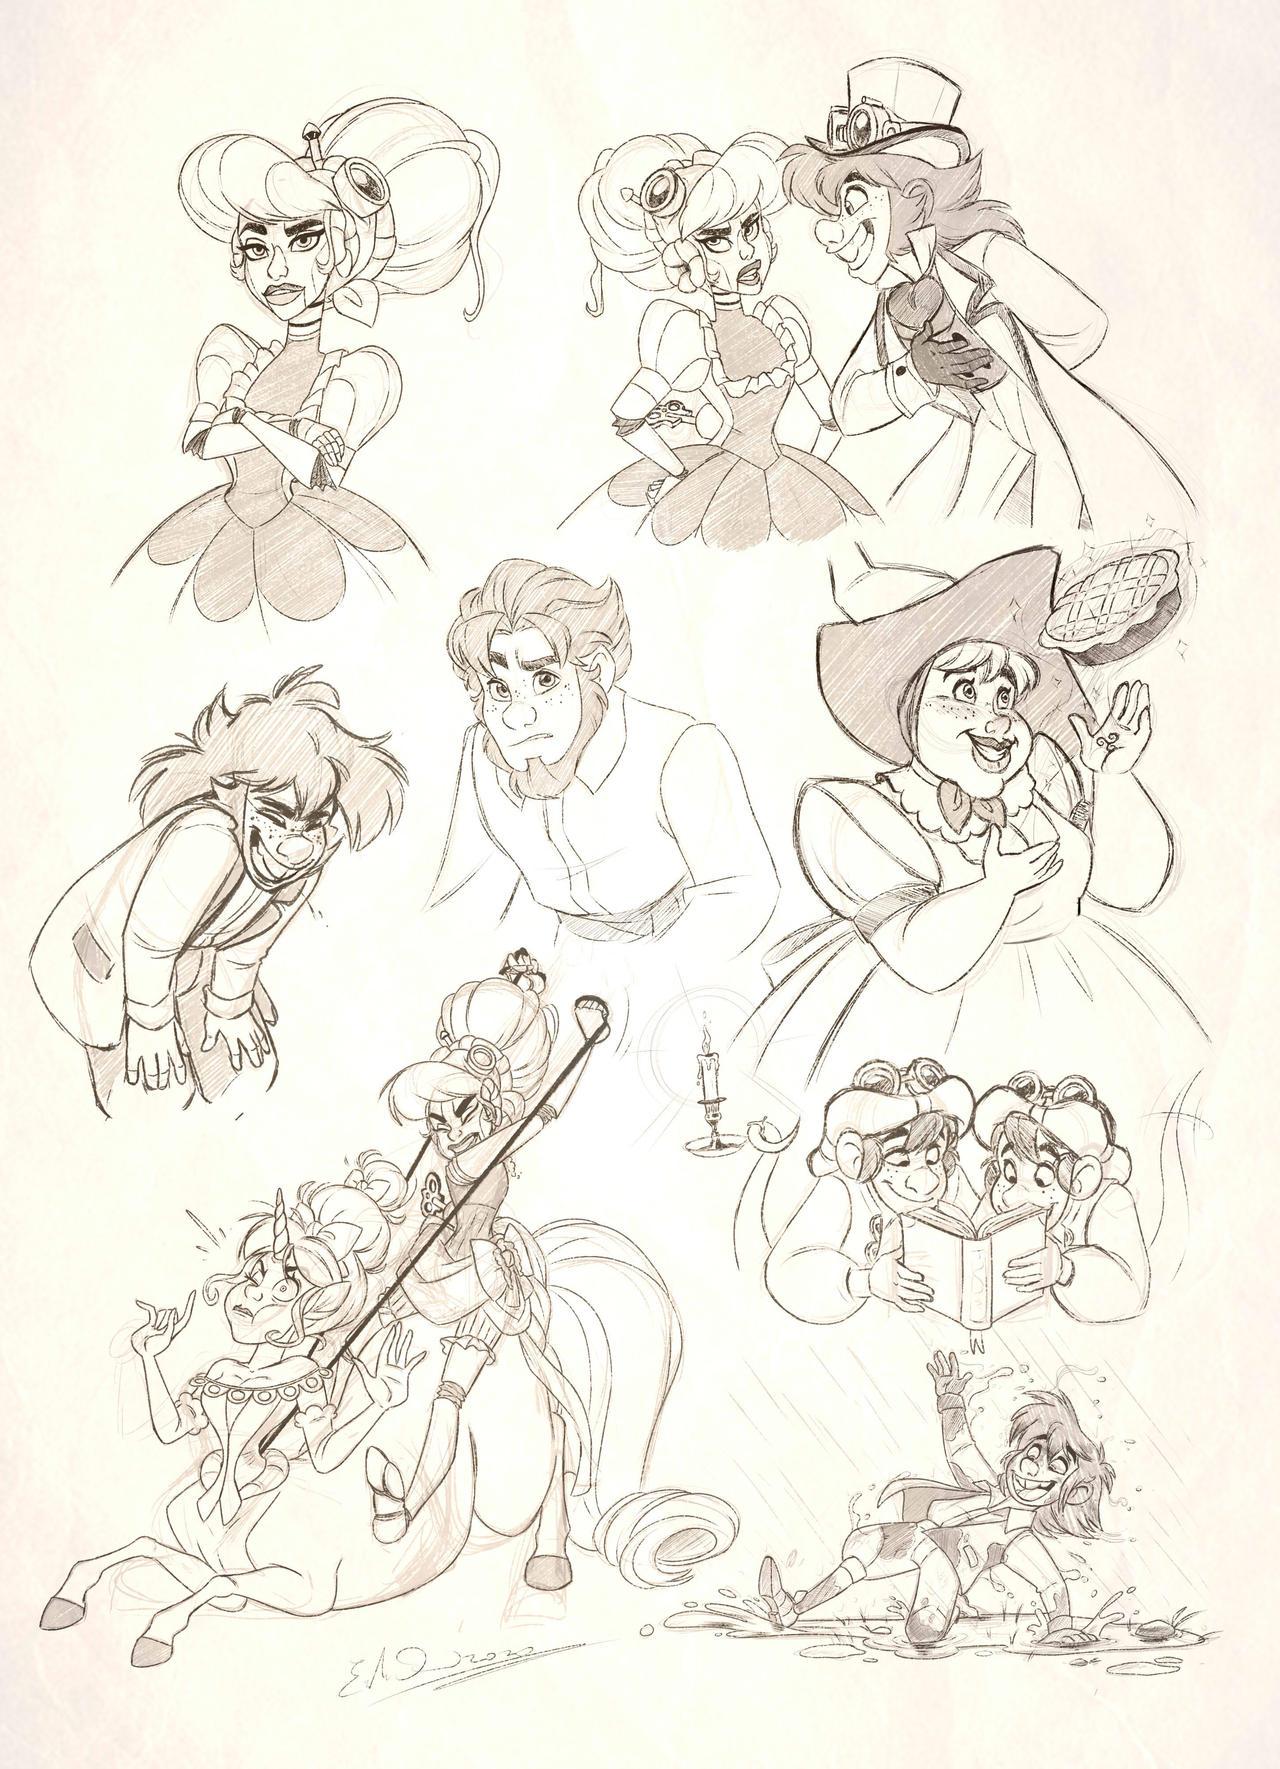 - Circus Diabolique_Sketchdump 001 -